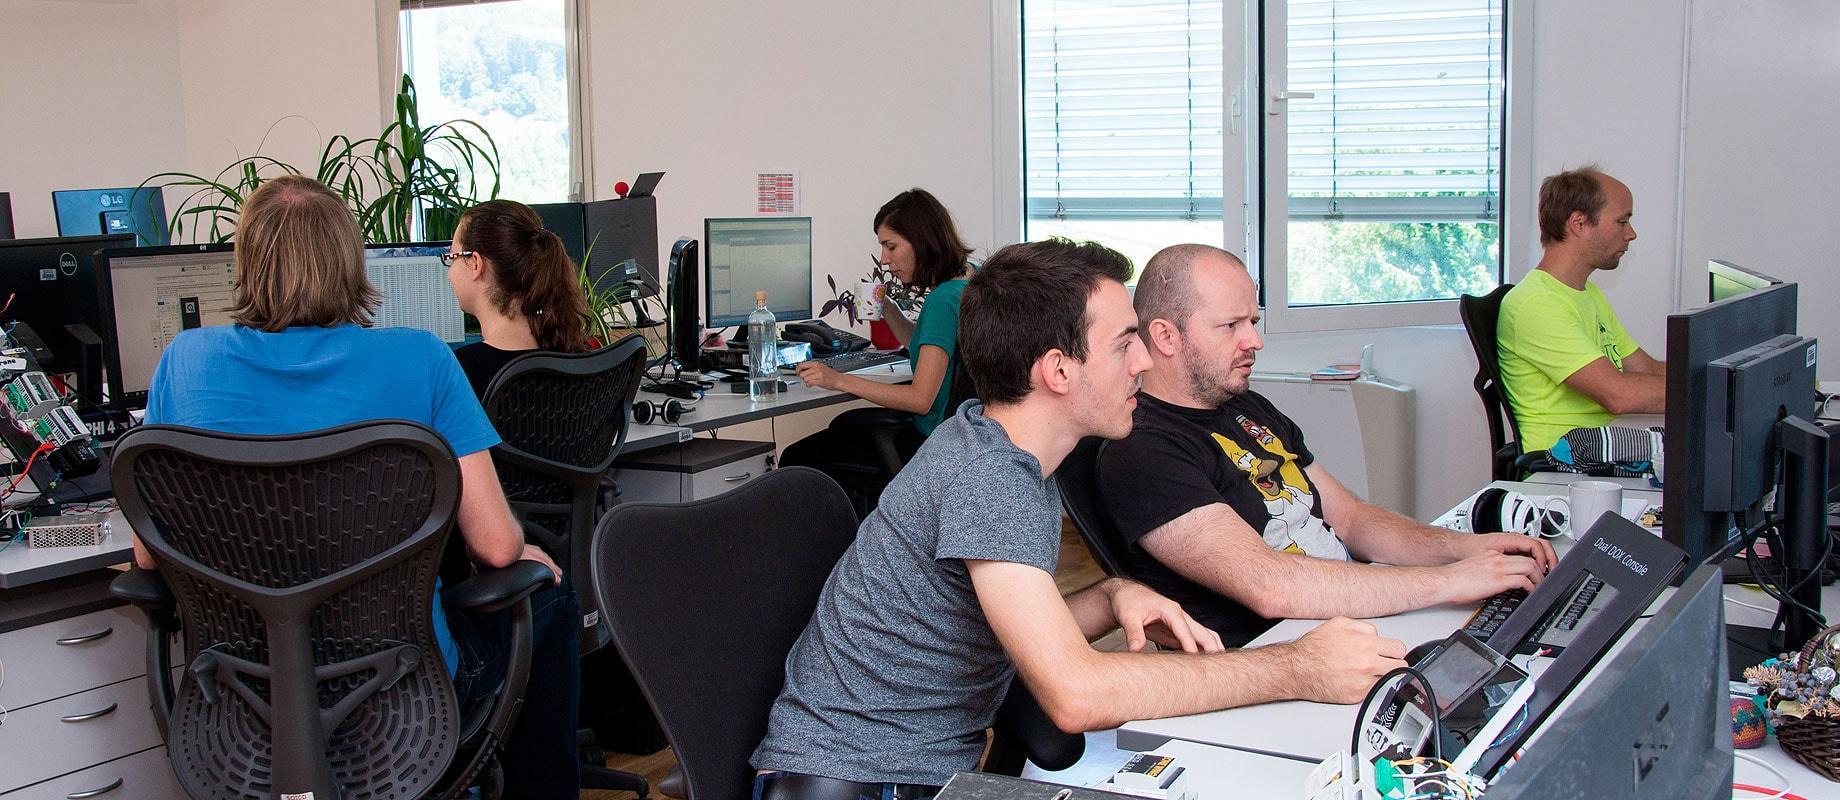 Ekipa programerjev v pisarni